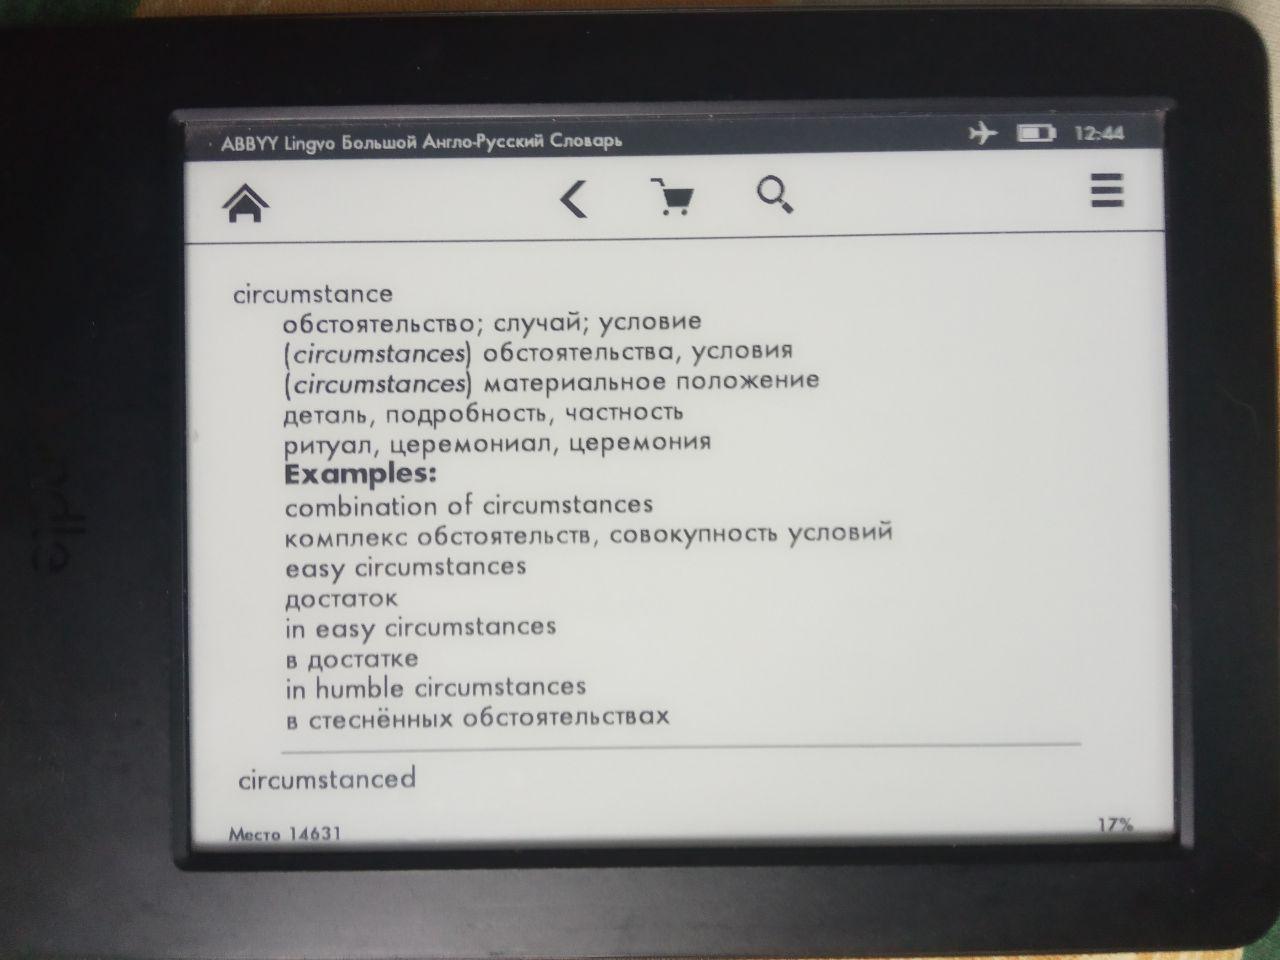 Вбудований перекладач в Amazon Kindle